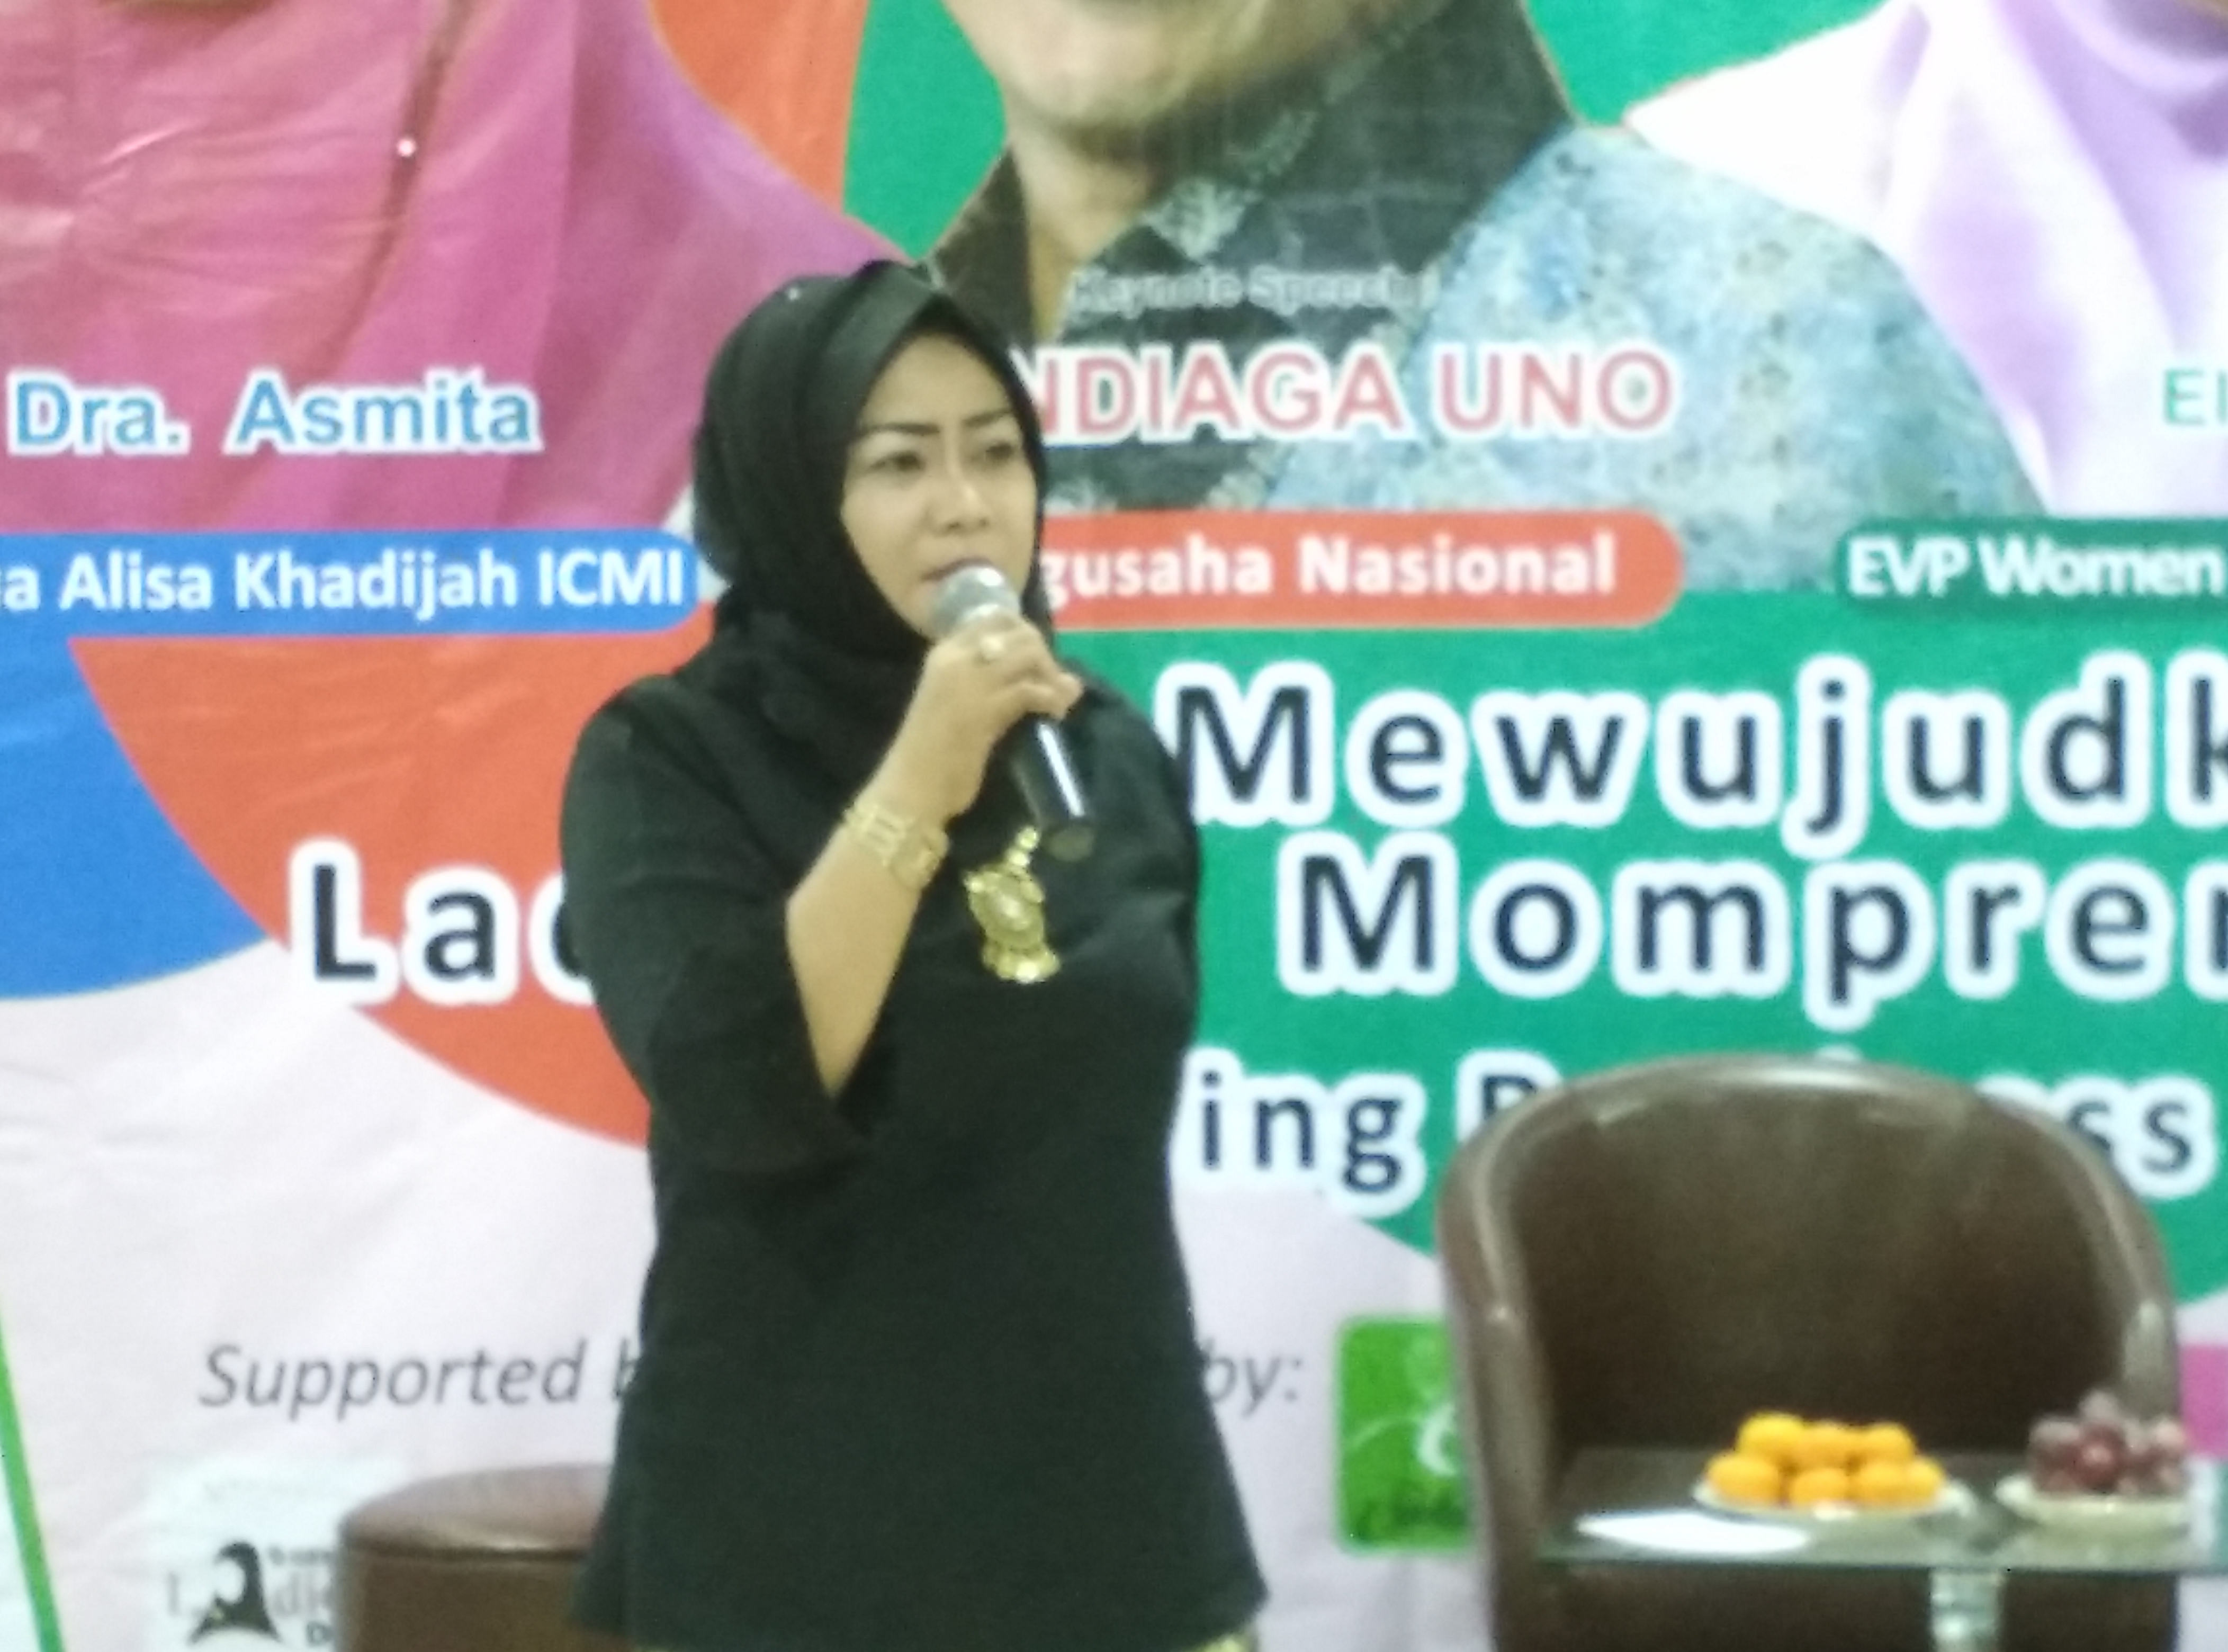 Ina Marlina: Alisa Khadijah Siap Fasilitasi Bisnis Bagi Muslimah